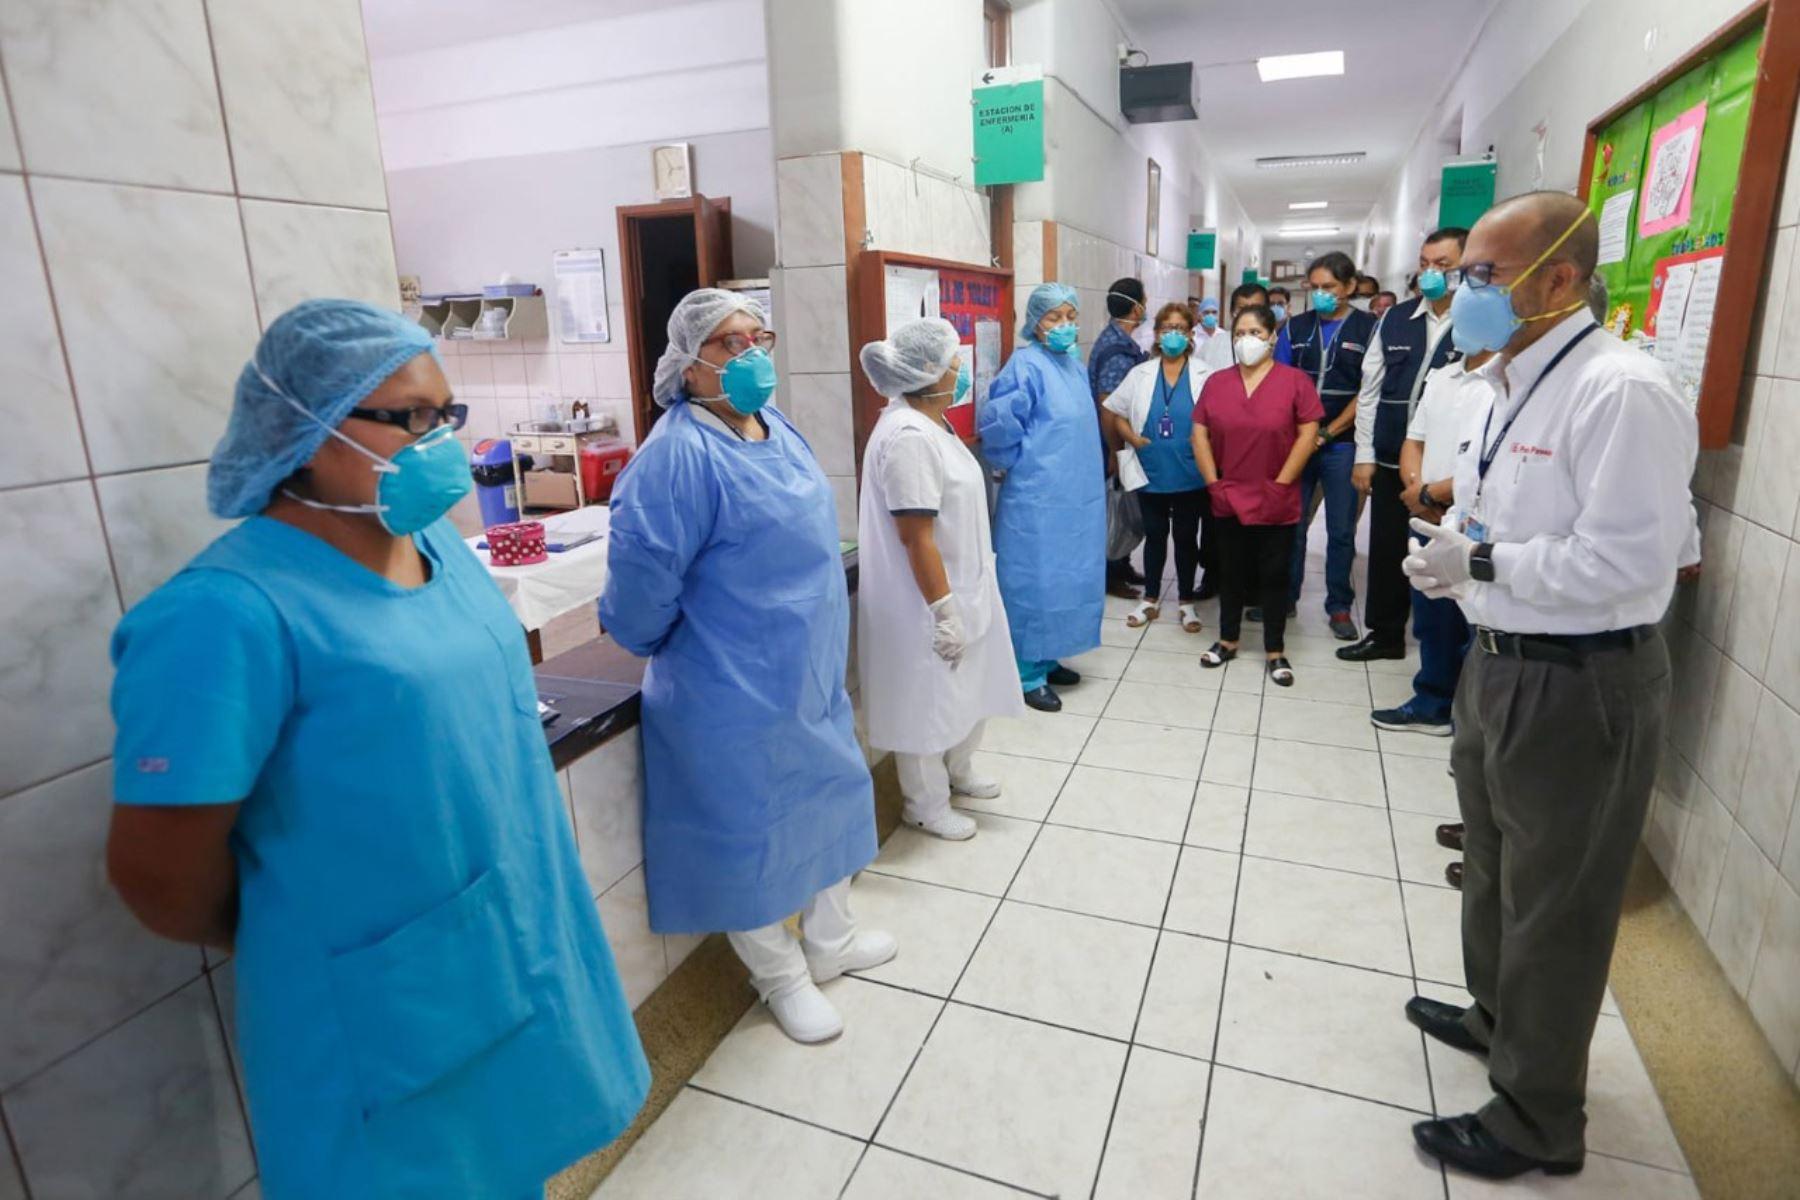 Miinistro de Salud, Victor Zamora  inspecciona el Hospital Hipólito Unanue, en El Agustino, para verificar que el personal cuente con los implementos necesarios, el buen estado de las instalaciones y la atención de calidad a pacientes. Foto: Minsa